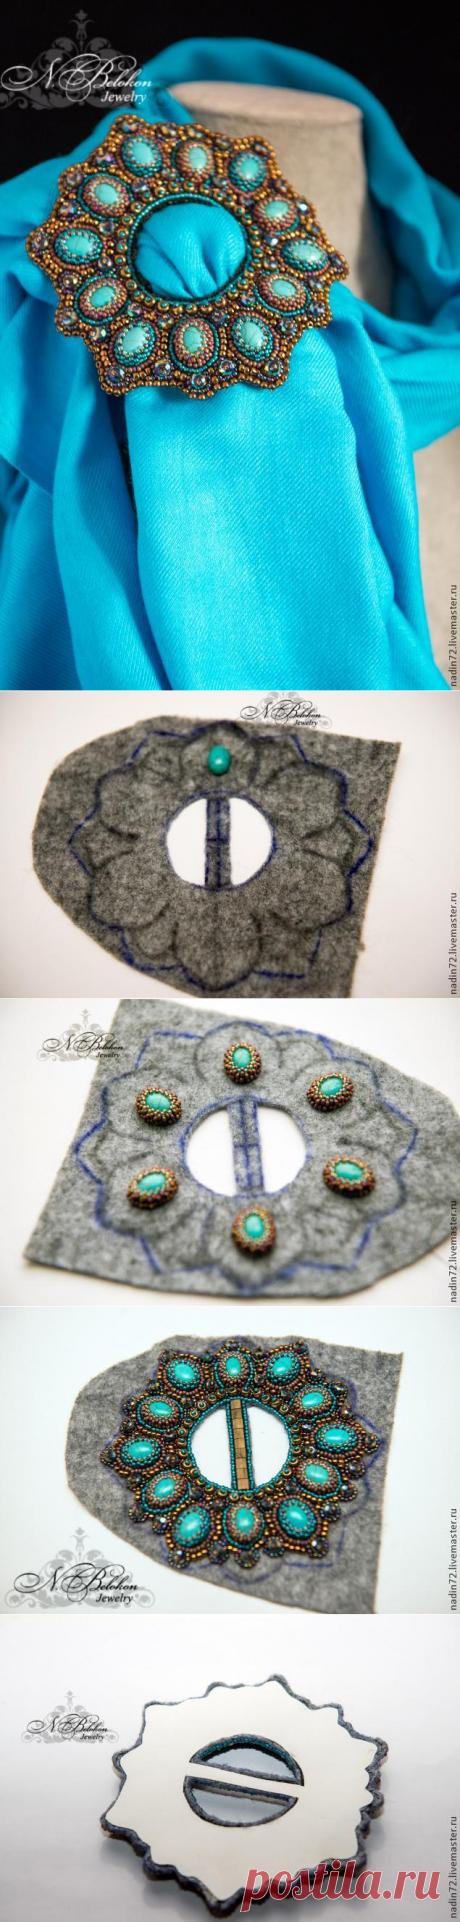 Пряжка многофункциональная. Вышивка бисером - Ярмарка Мастеров - ручная работа, handmade